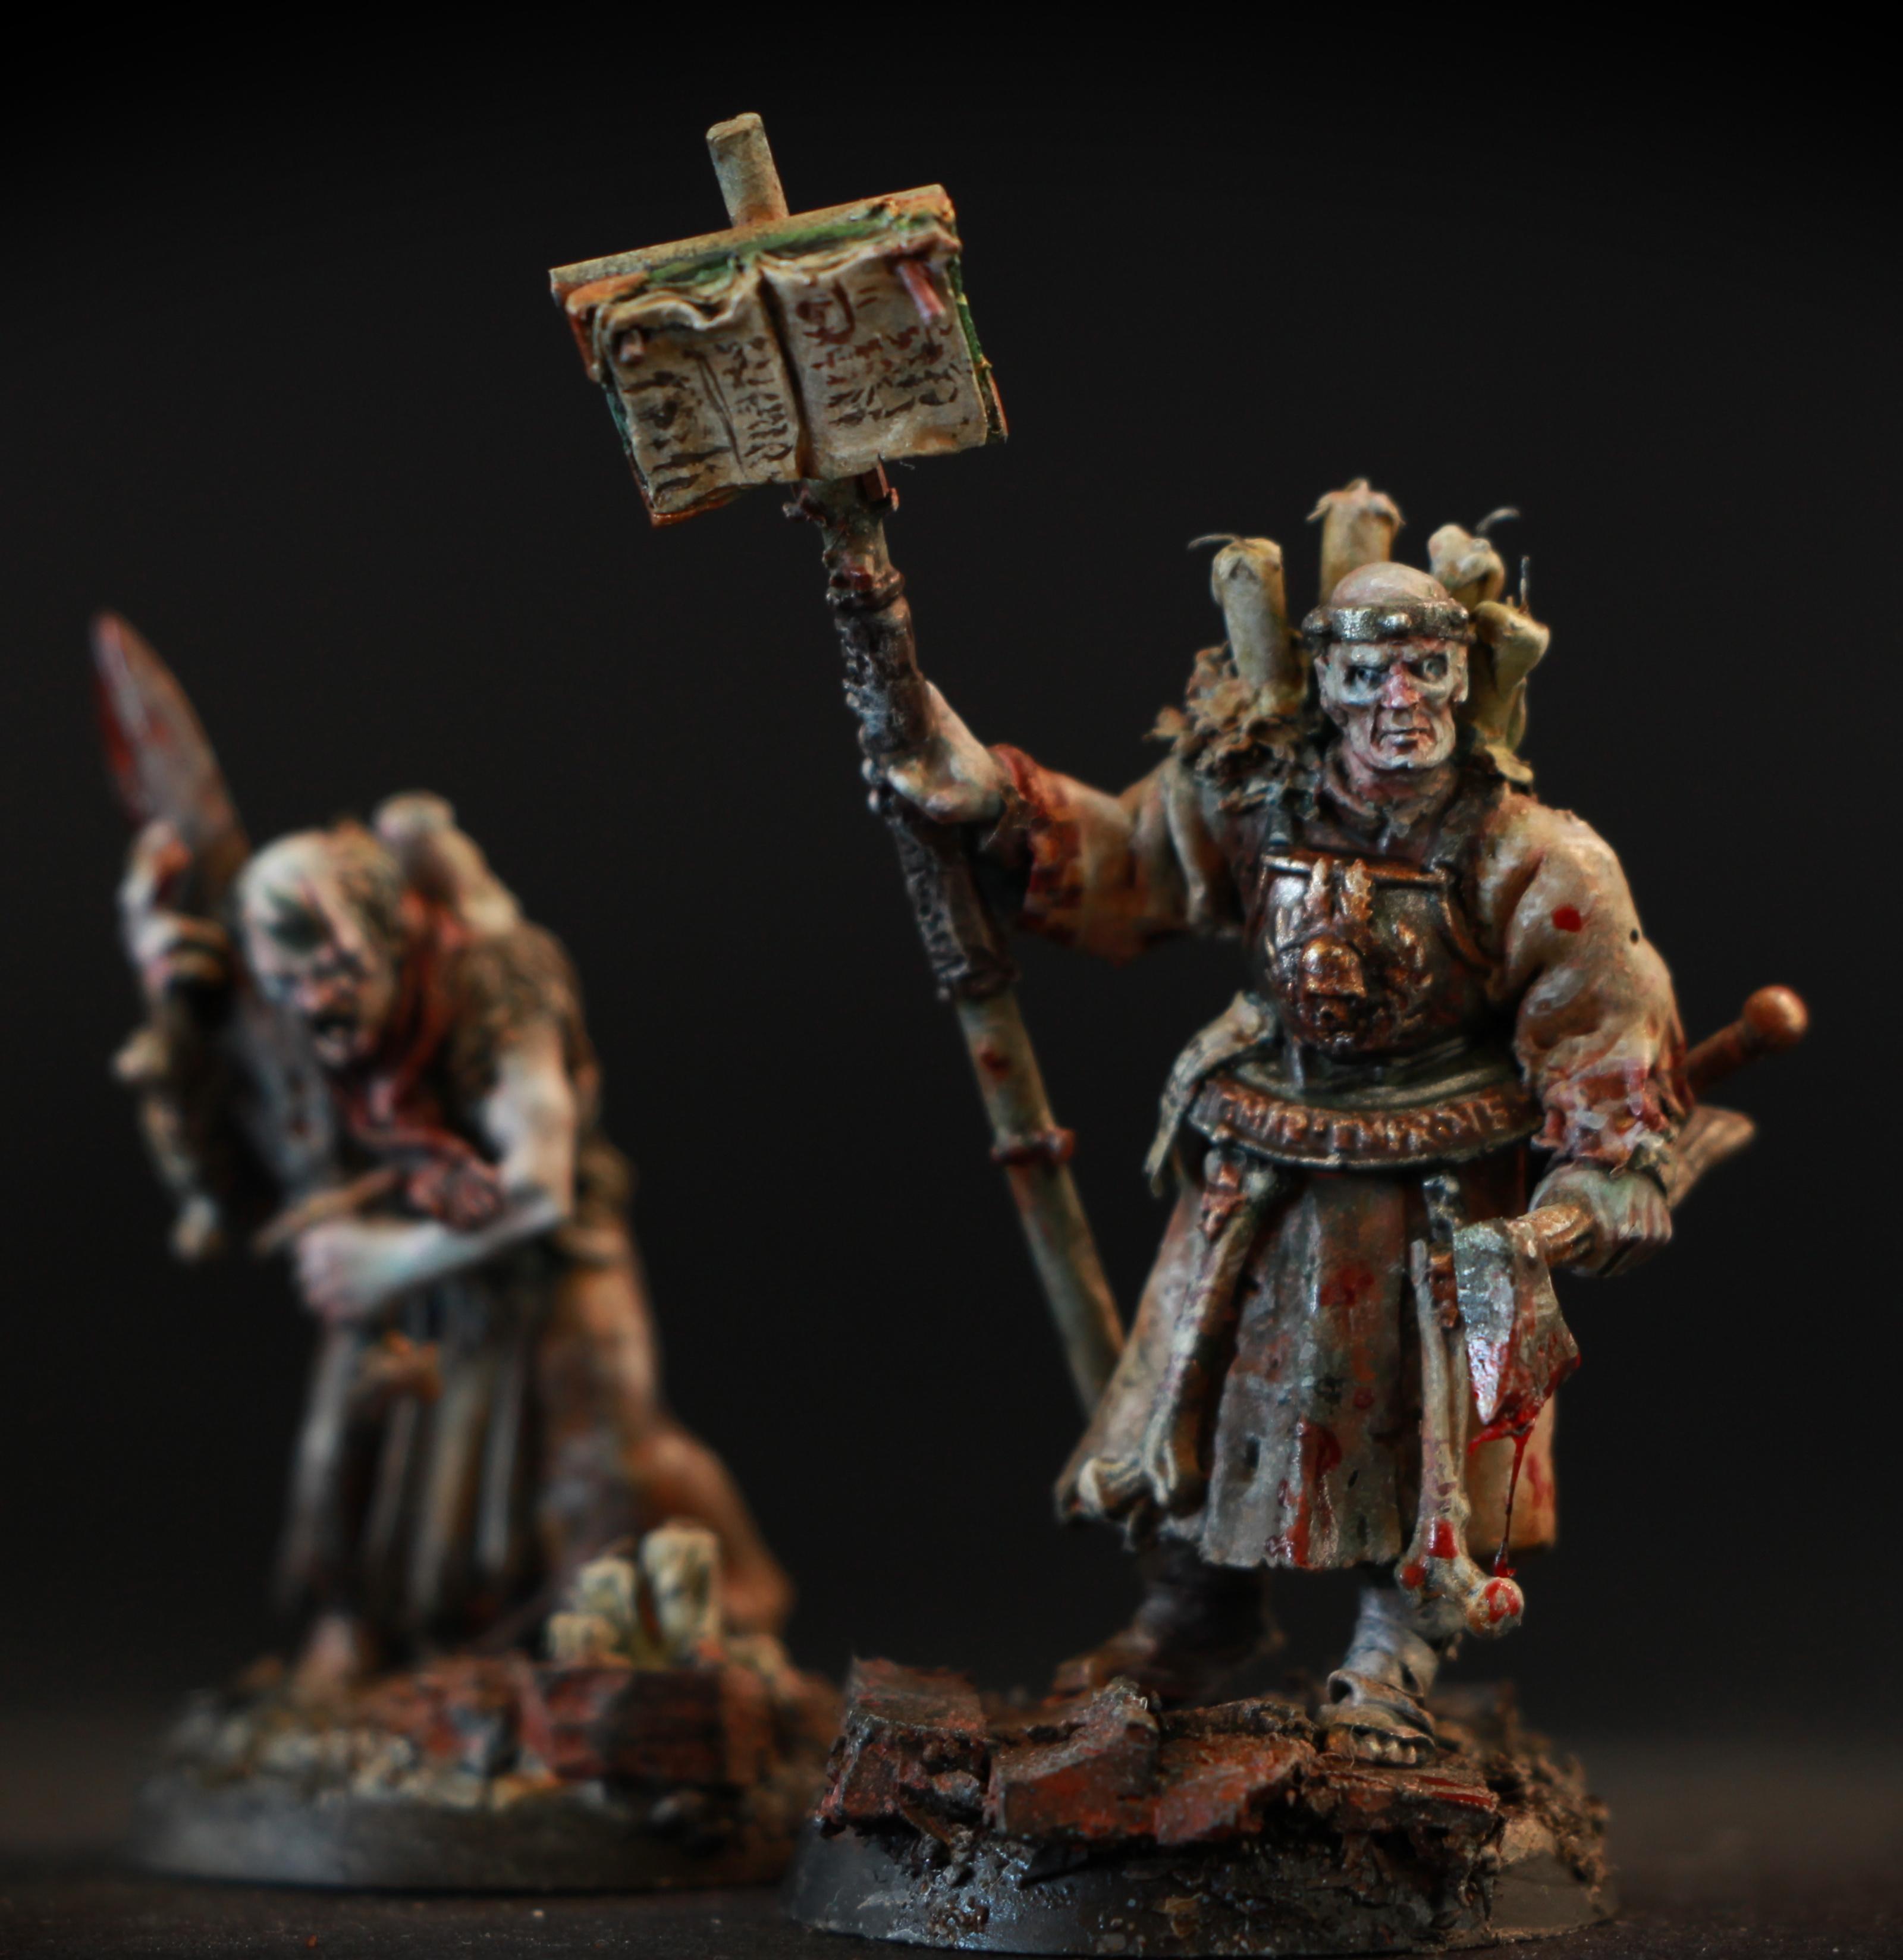 Monk, Warrior Priest